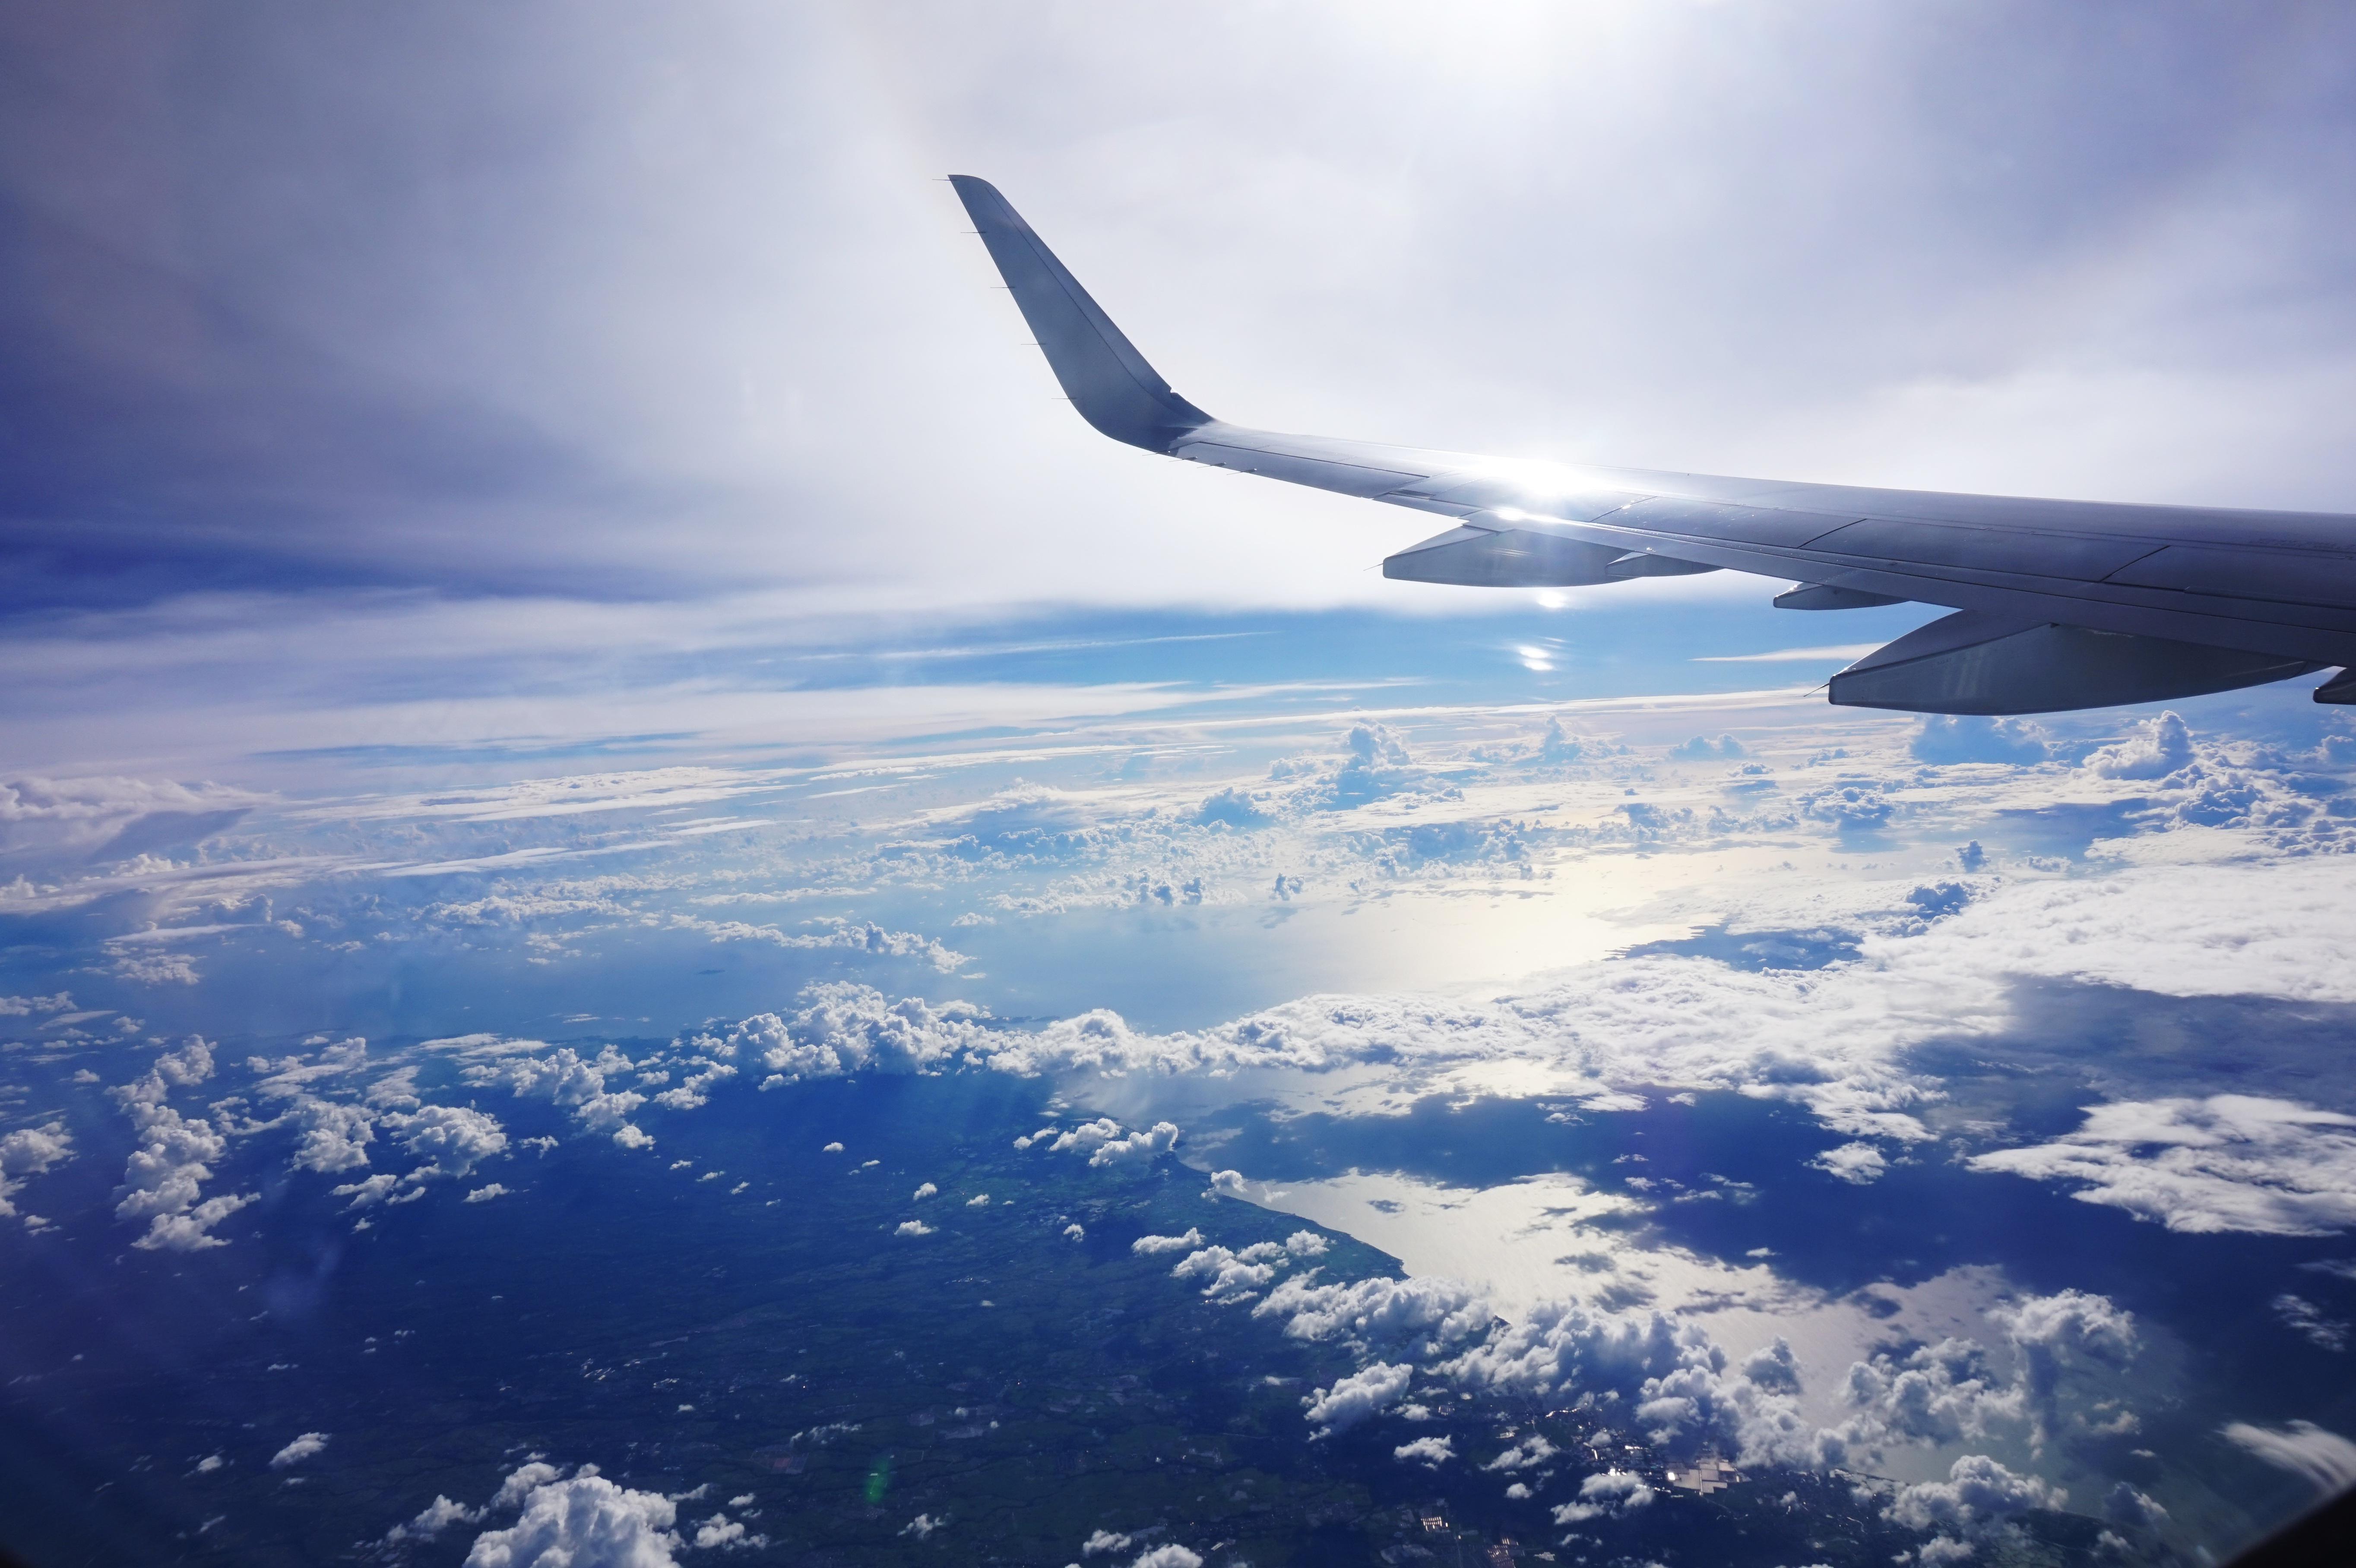 недостатке картинки самолет в небе зимой можно